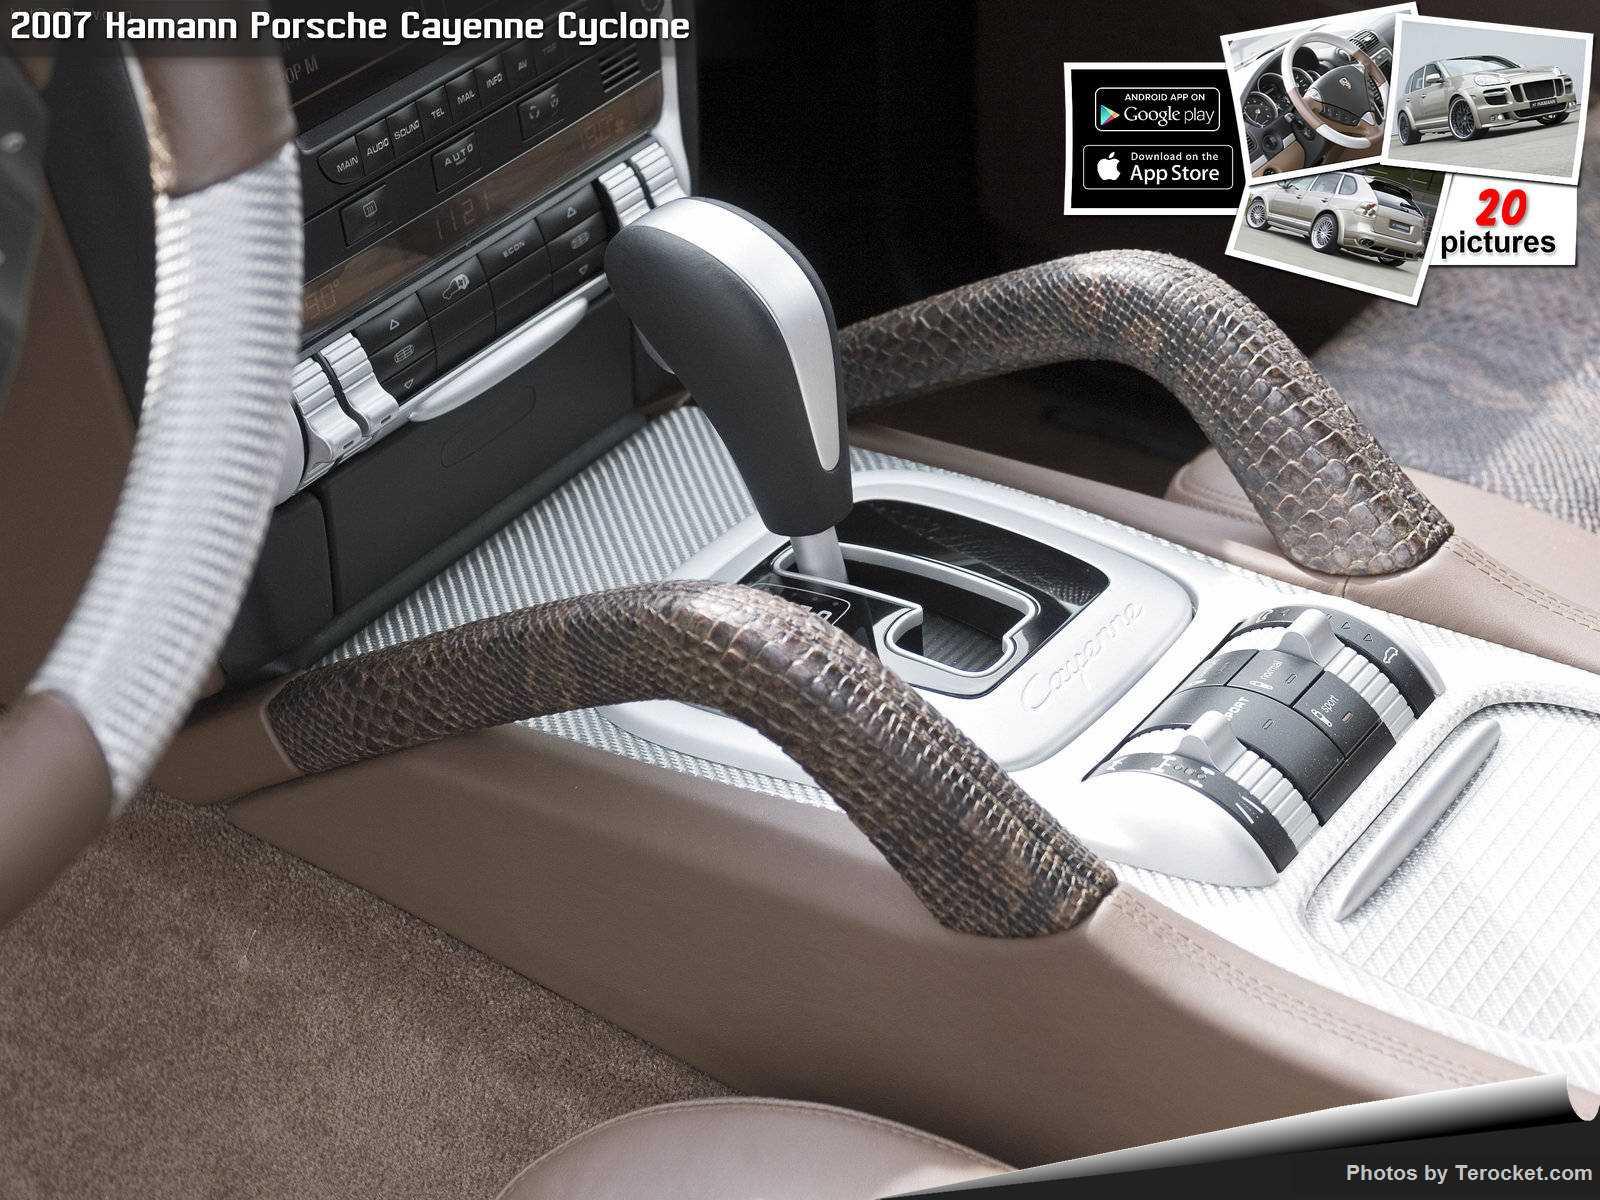 Hình ảnh xe ô tô Hamann Porsche Cayenne Cyclone 2007 & nội ngoại thất